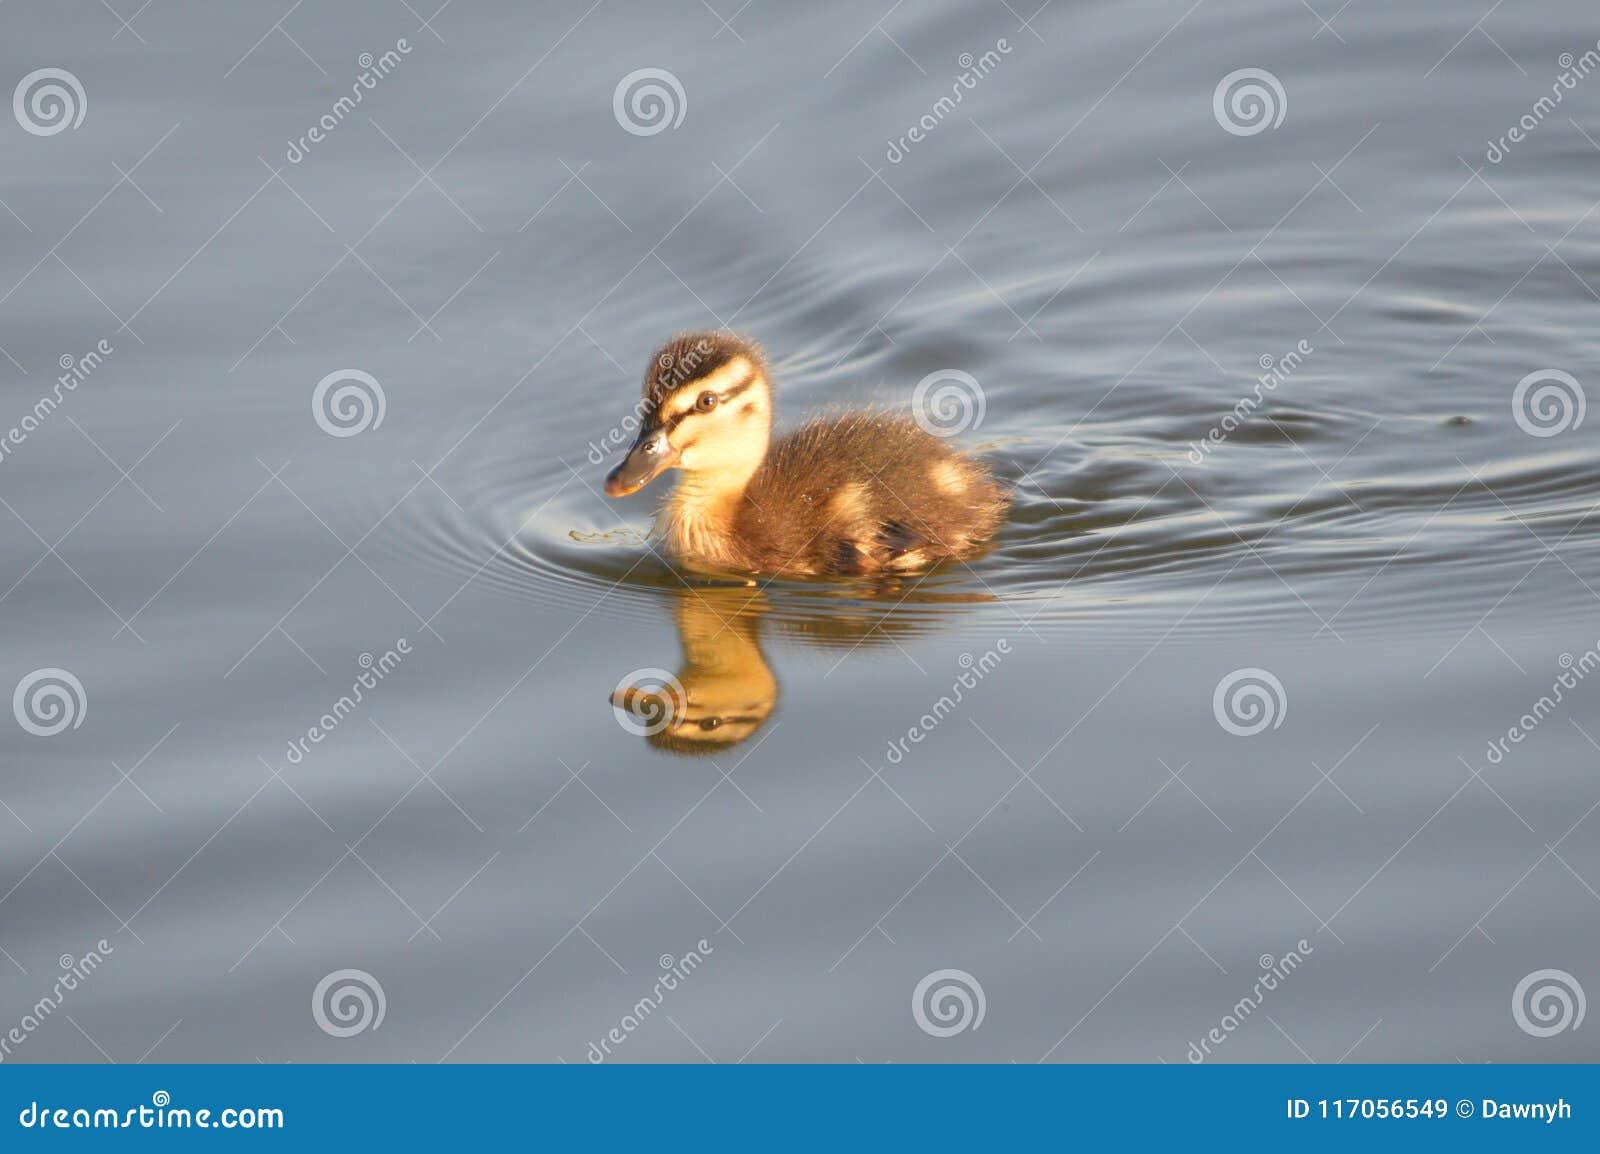 Één eendje die op een pond zwemmen